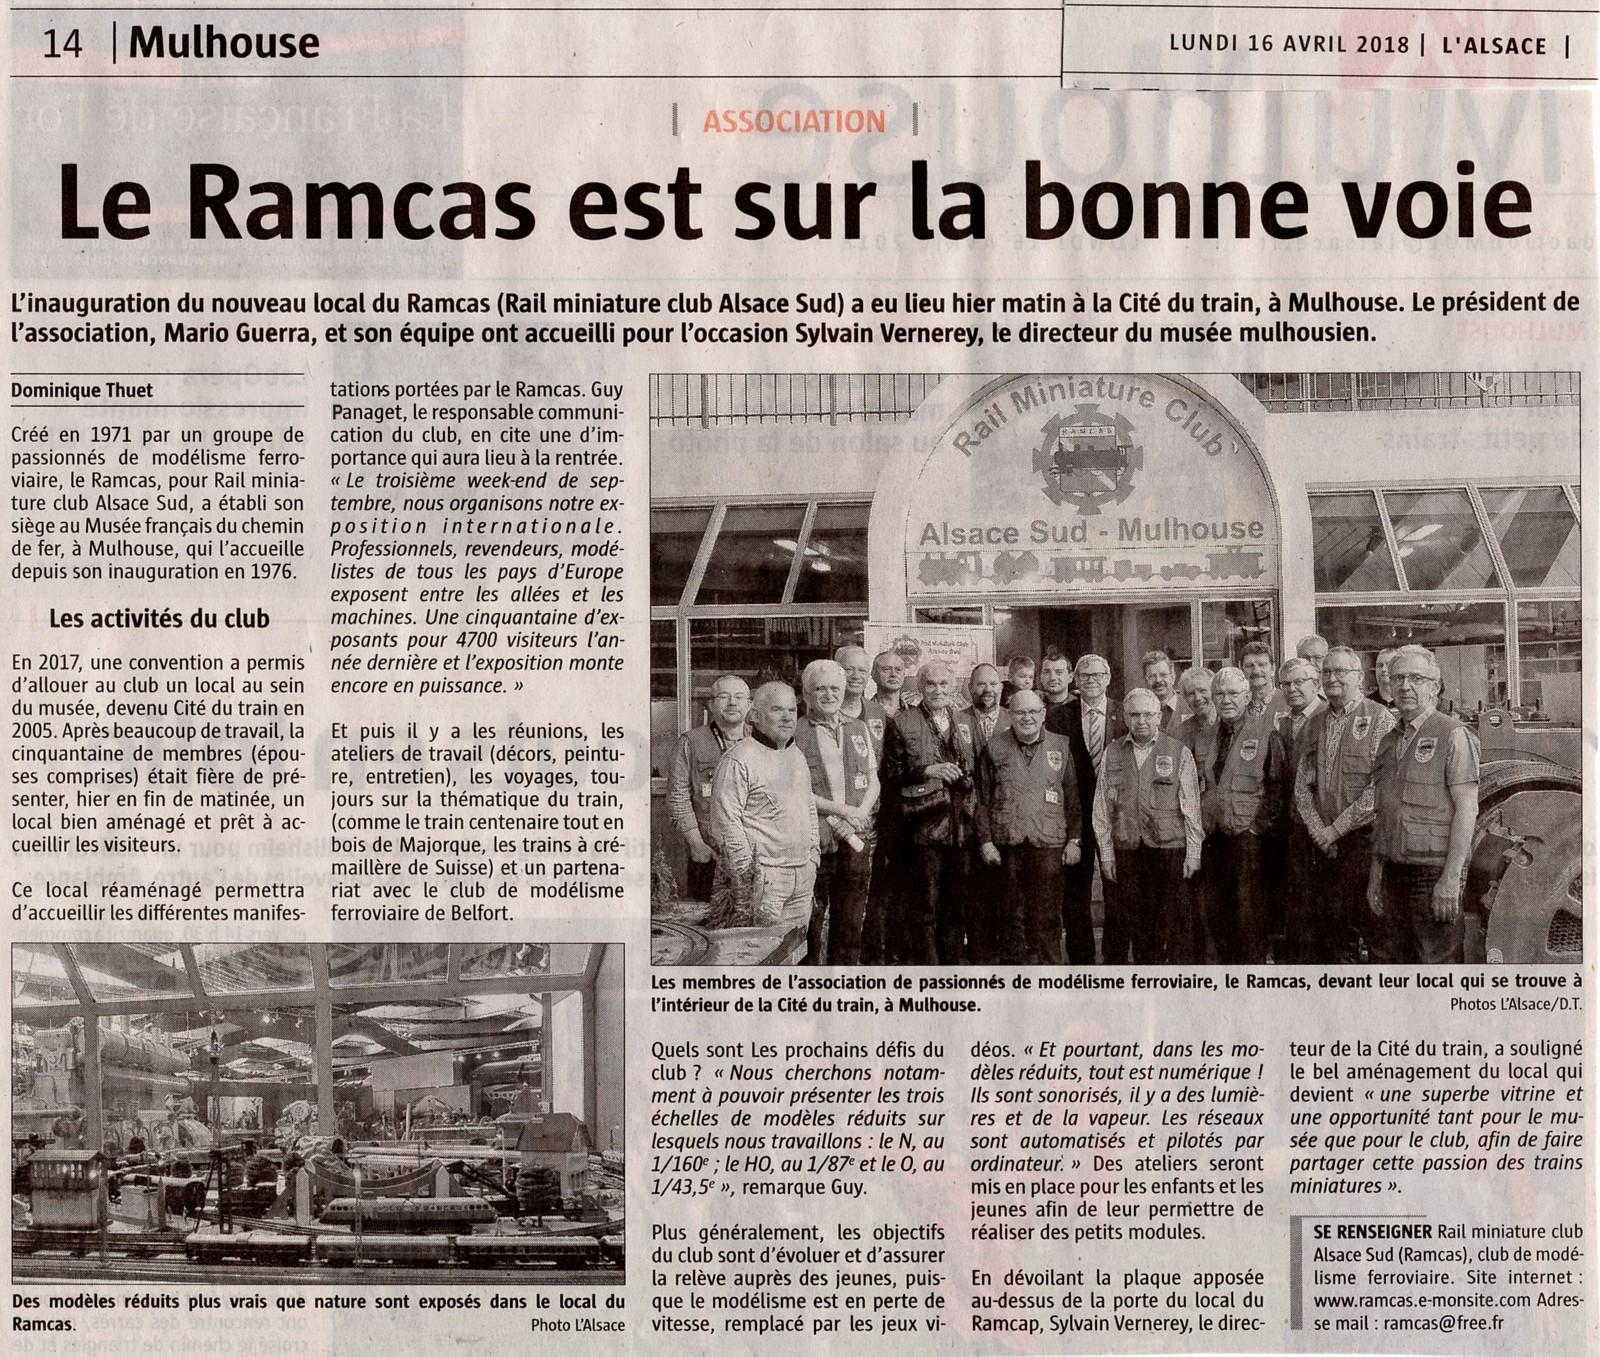 16/04/2018 Article du journal L'Alsace